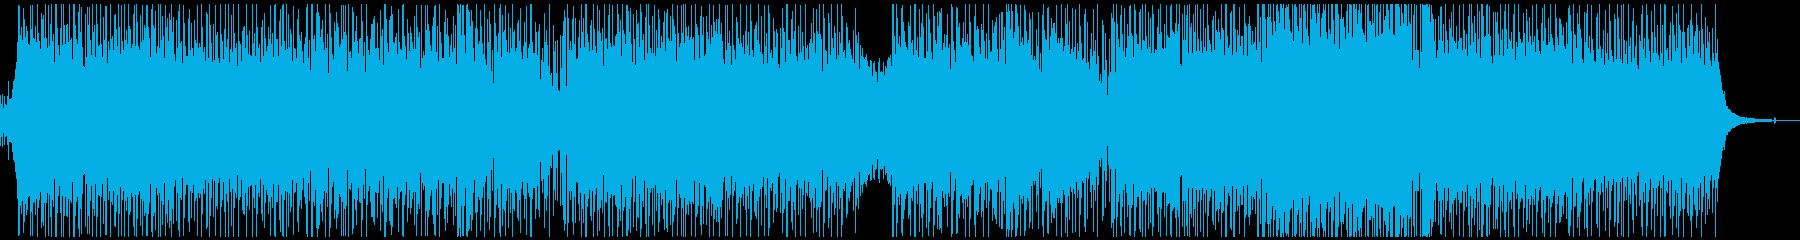 映像/ほのぼの/ポップ/フルートの再生済みの波形